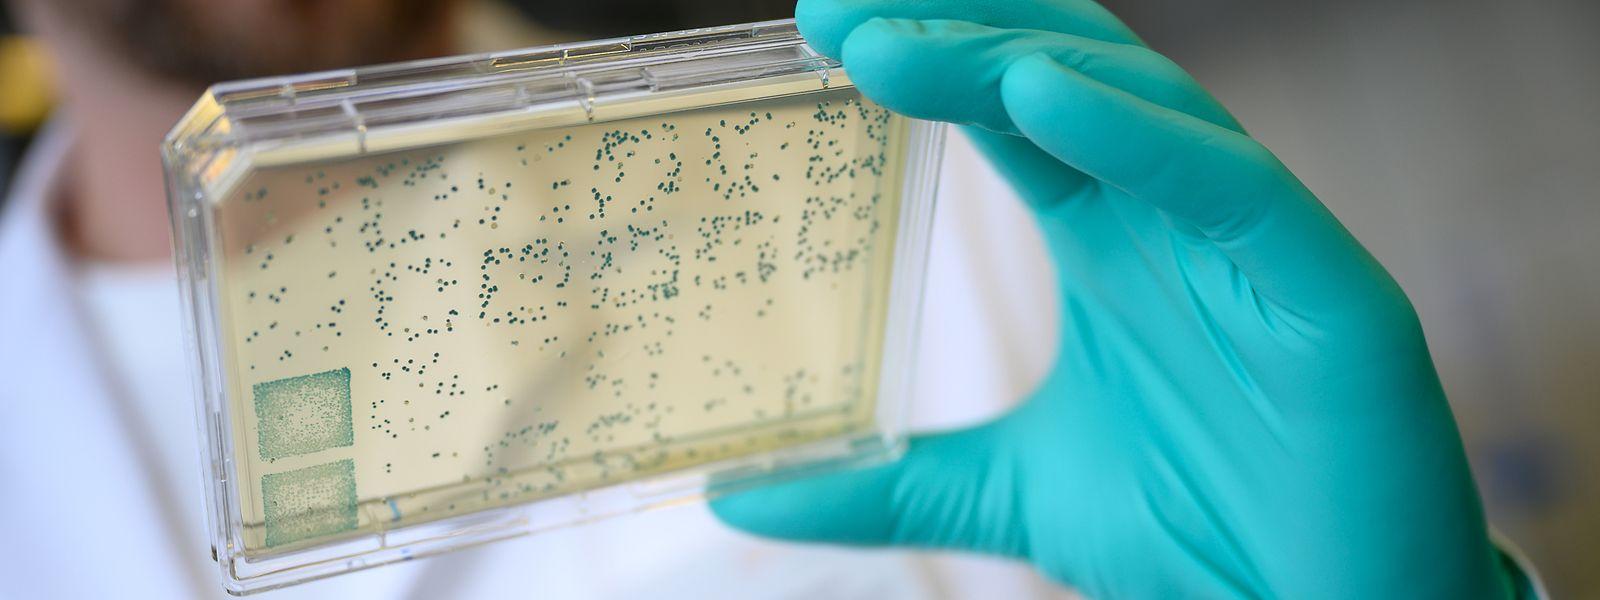 Russland will nach eigenen Angaben im September mit der Massenproduktion eines Impfstoffs gegen das neuartige Corona-Virus starten.